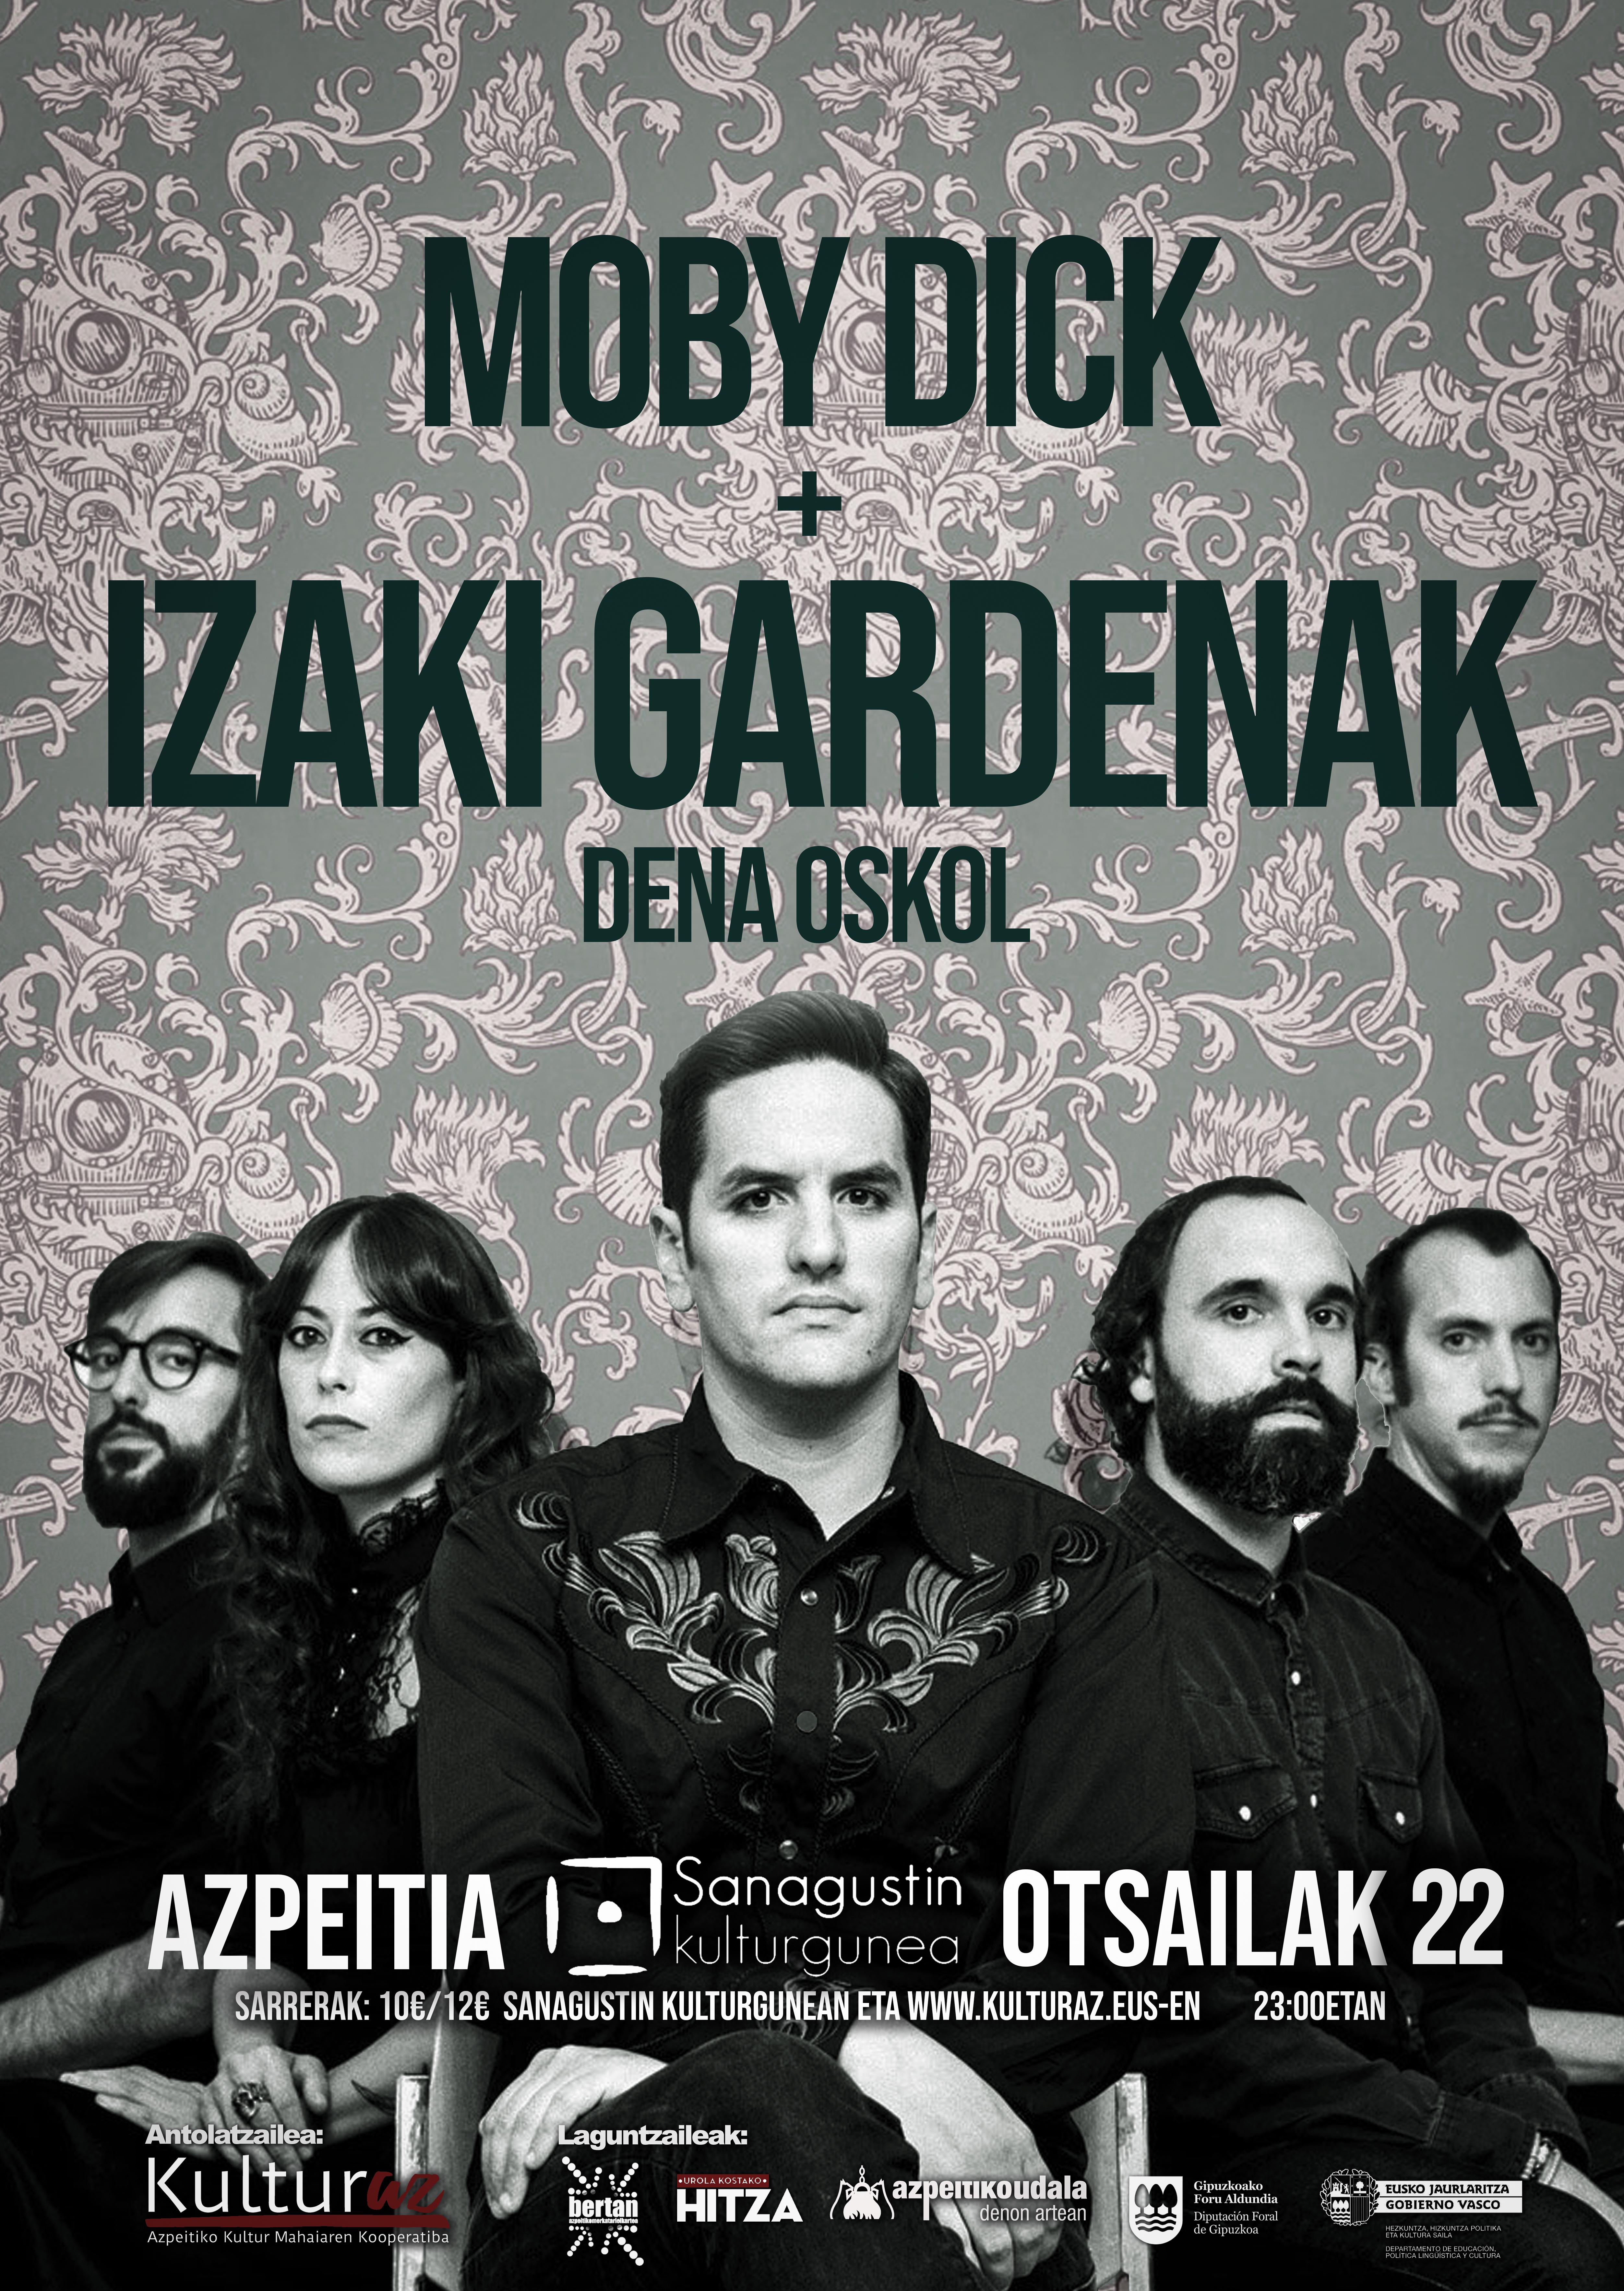 Izaki Gardenak + Moby Dick